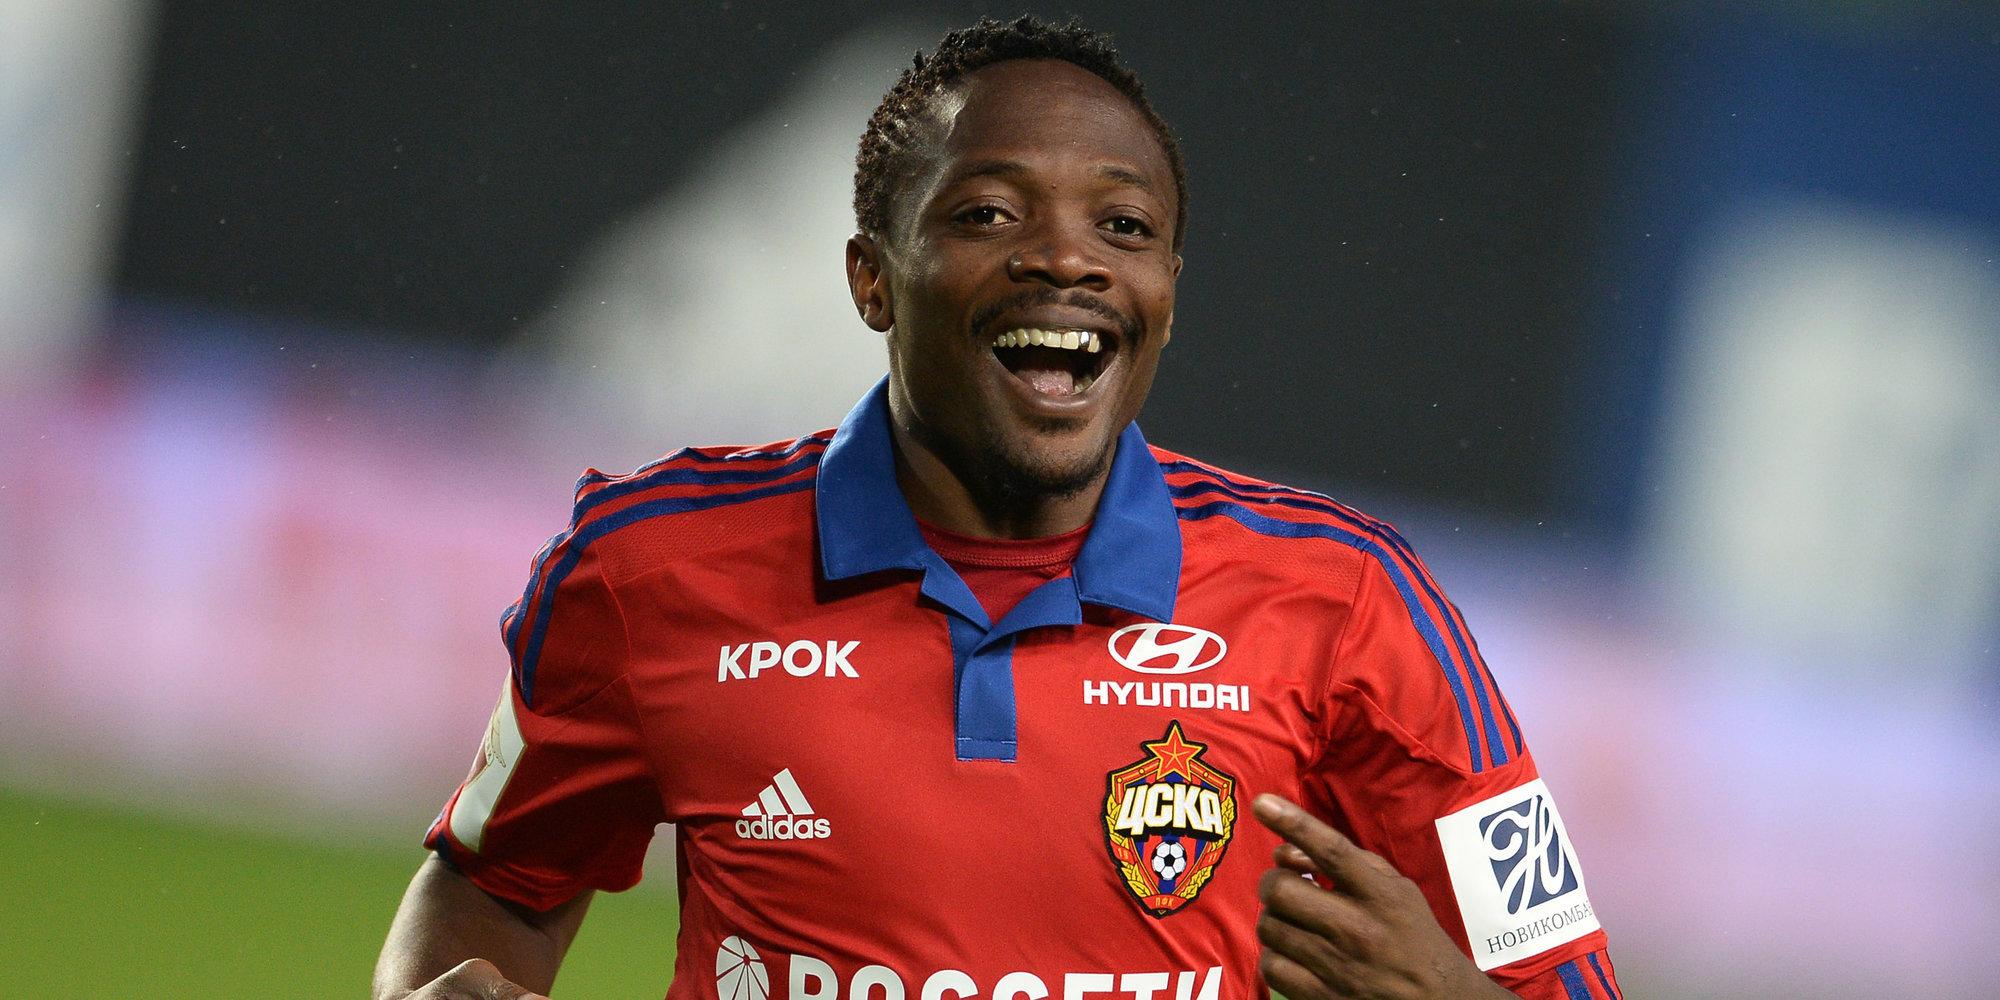 ТОП-5: самые дорогие футболисты мира, которые имеют статус свободных агентов — фото 2